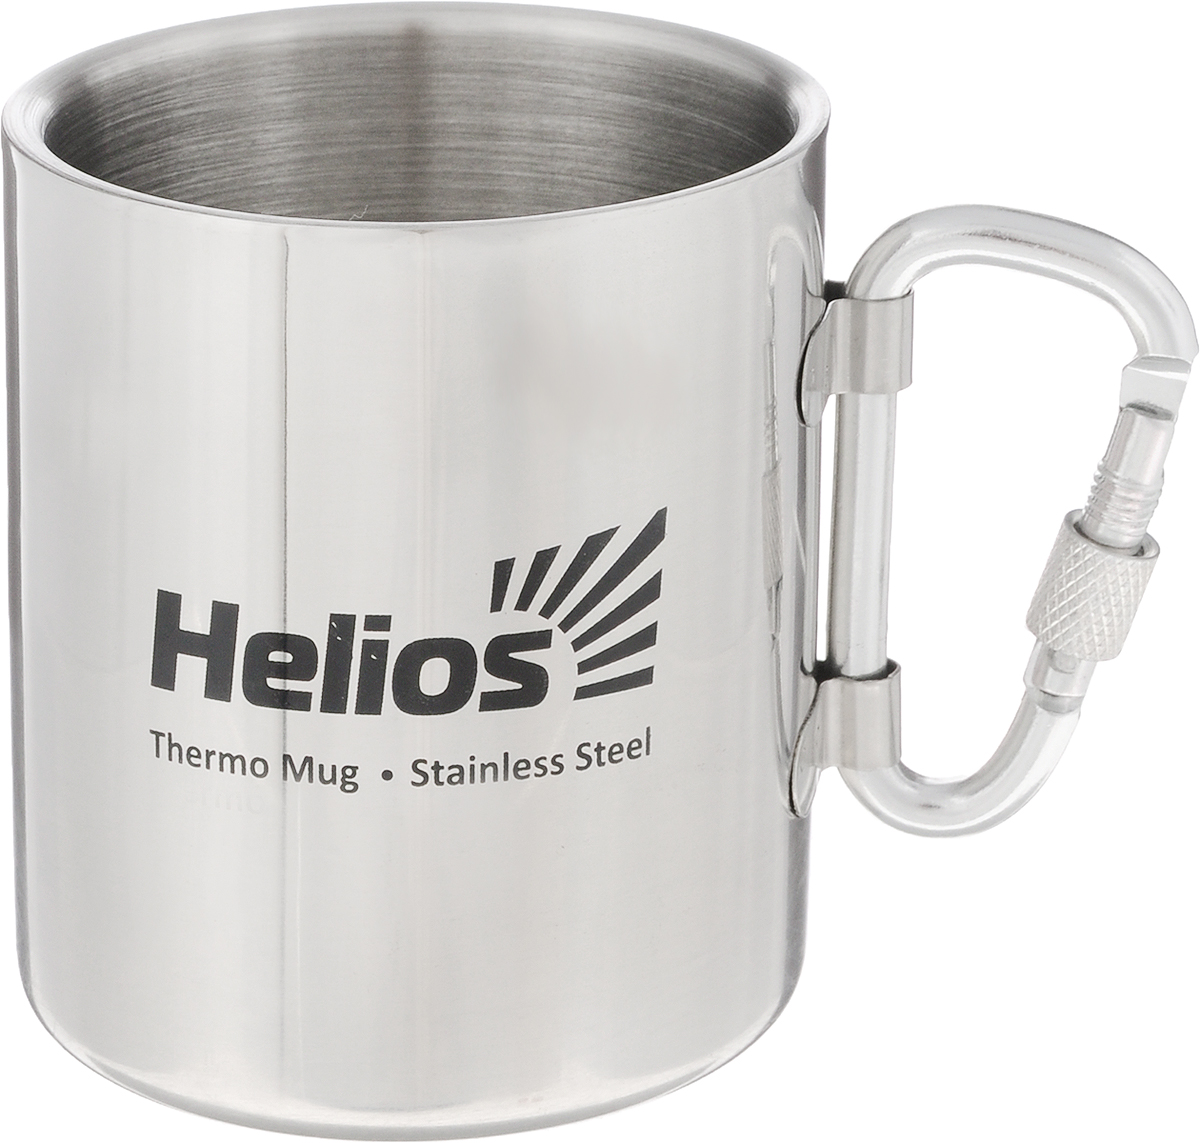 Термокружка HeliosHS TK-005, со складной ручкой-карабином,230 мл128982Термокружка Helios HS TK-005 предназначена специально для горячих и холодных напитков. Она изготовлена из высококачественной нержавеющей стали. Двойная стенка гарантирует долгое сохранение температуры и убережет от ожогов при заваривании чая или кофе. Кружка имеет складную ручку-карабин, которая не нагревается и позволяет подвесить кружку на рюкзак или на ремень.Такая кружка прекрасно сохраняет свою целостность и первозданный вид даже при многократном использовании.Диаметр кружки (по верхнему краю): 7 см. Высота кружки: 8 см.